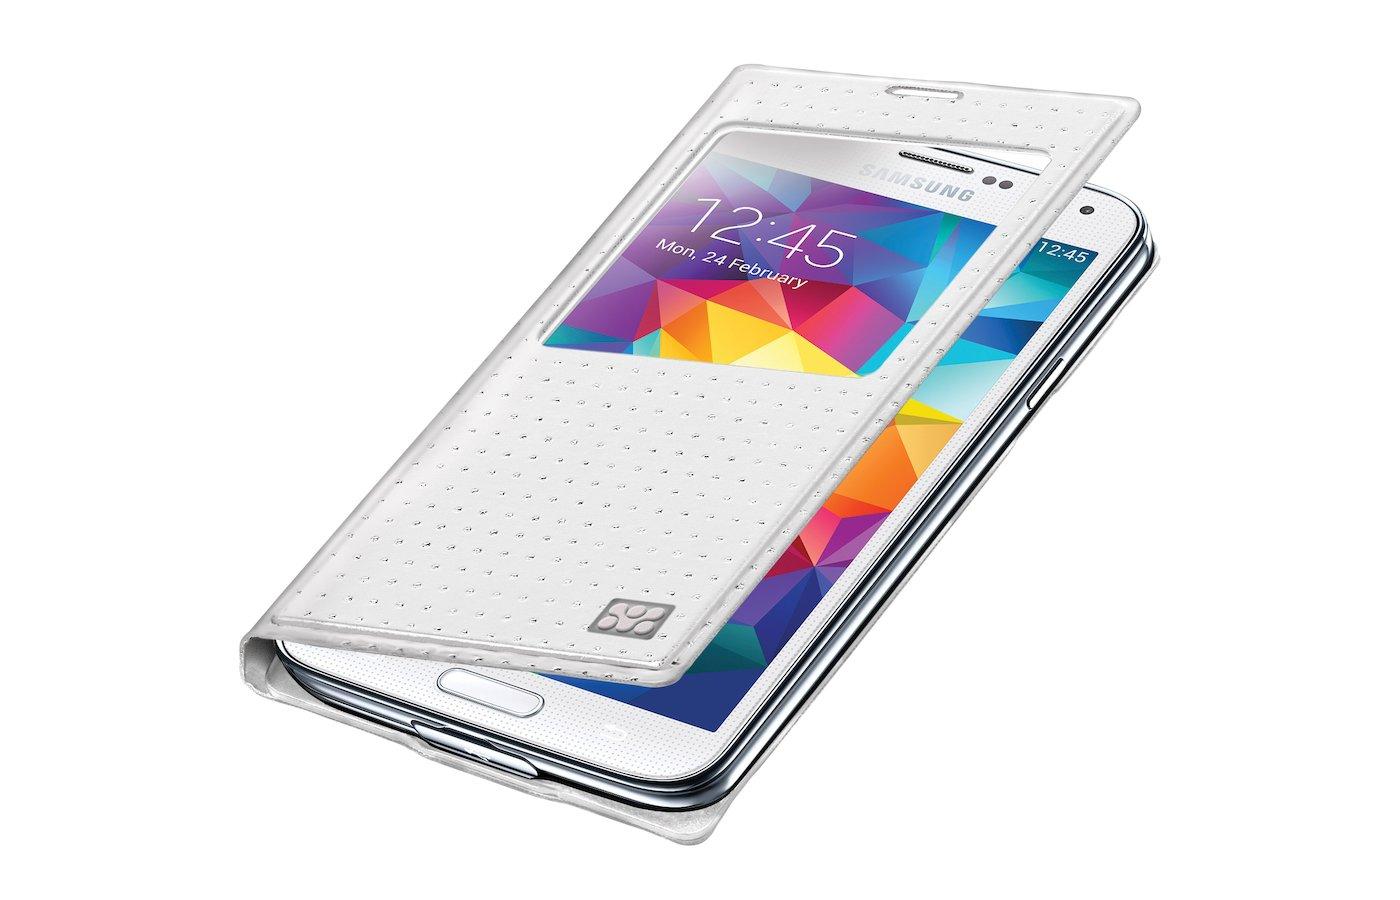 Чехол Promate Admin-S5 для Samsung Galaxy S5 (SM-G900) белый